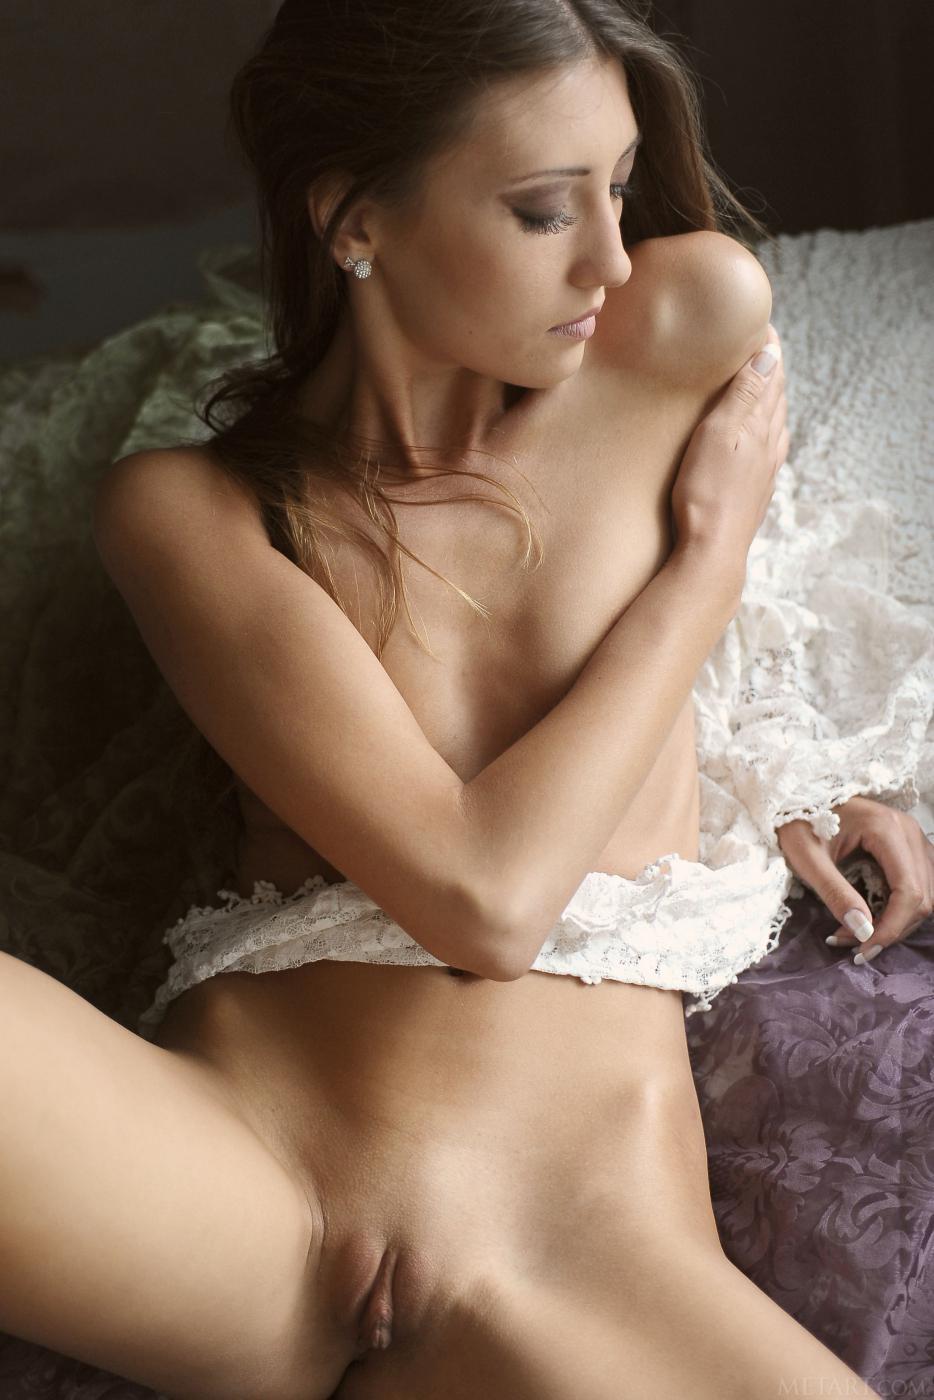 """Модель """"порнушки"""" Emilia Sky, милашка - само совершенство и она раскрывает нам секреты своего потрясающего тела"""